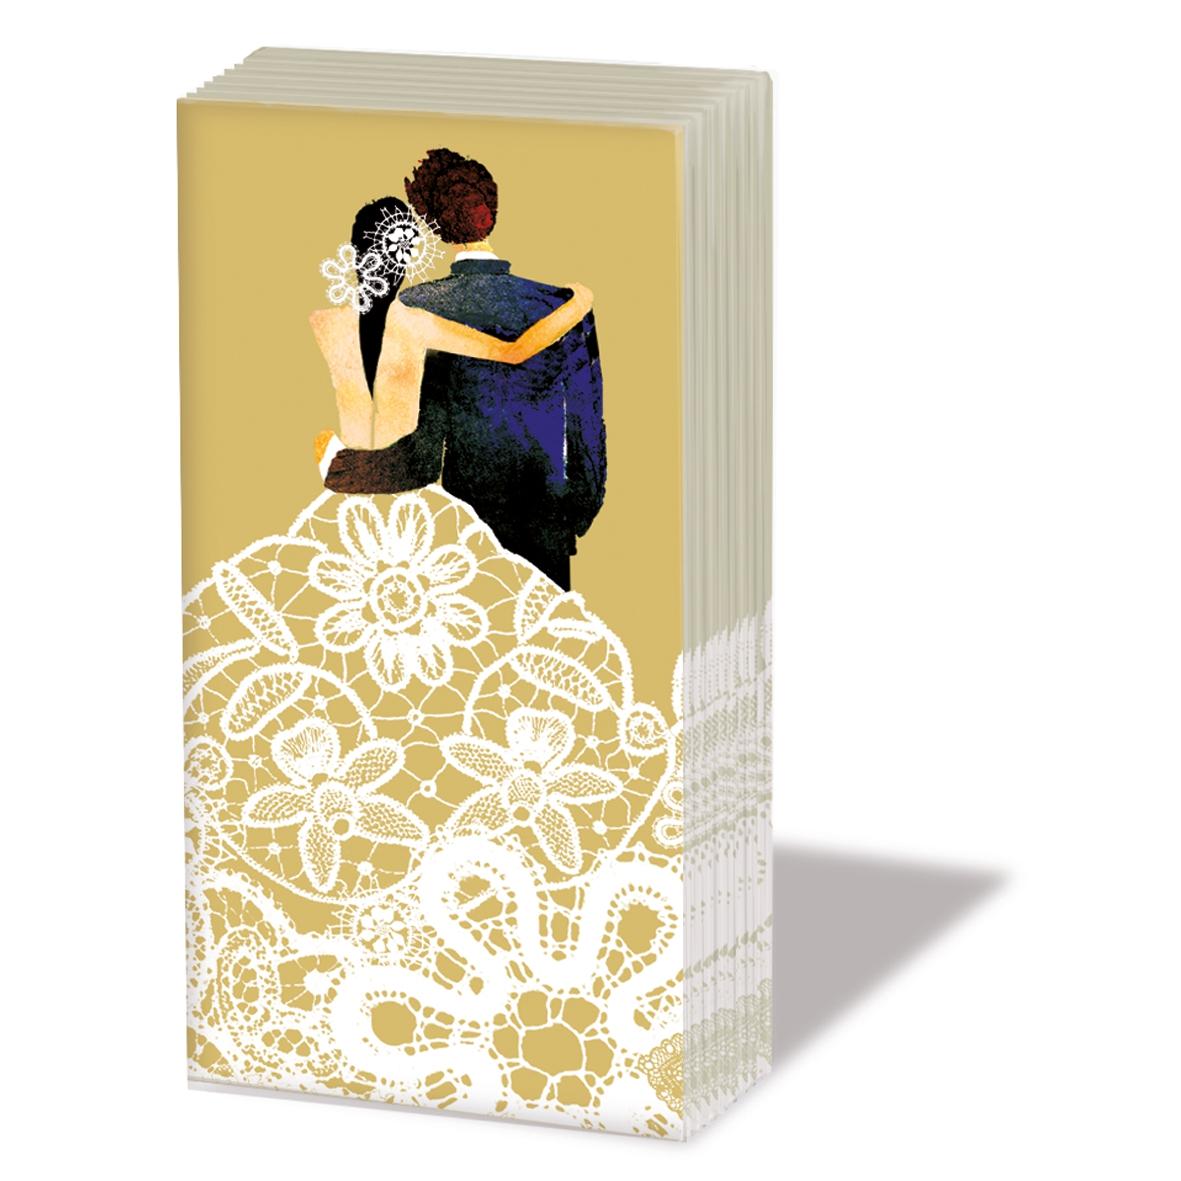 Taschentücher Wedding Couple gold,  Ereignisse,  Everyday,  bedruckte papiertaschentücher